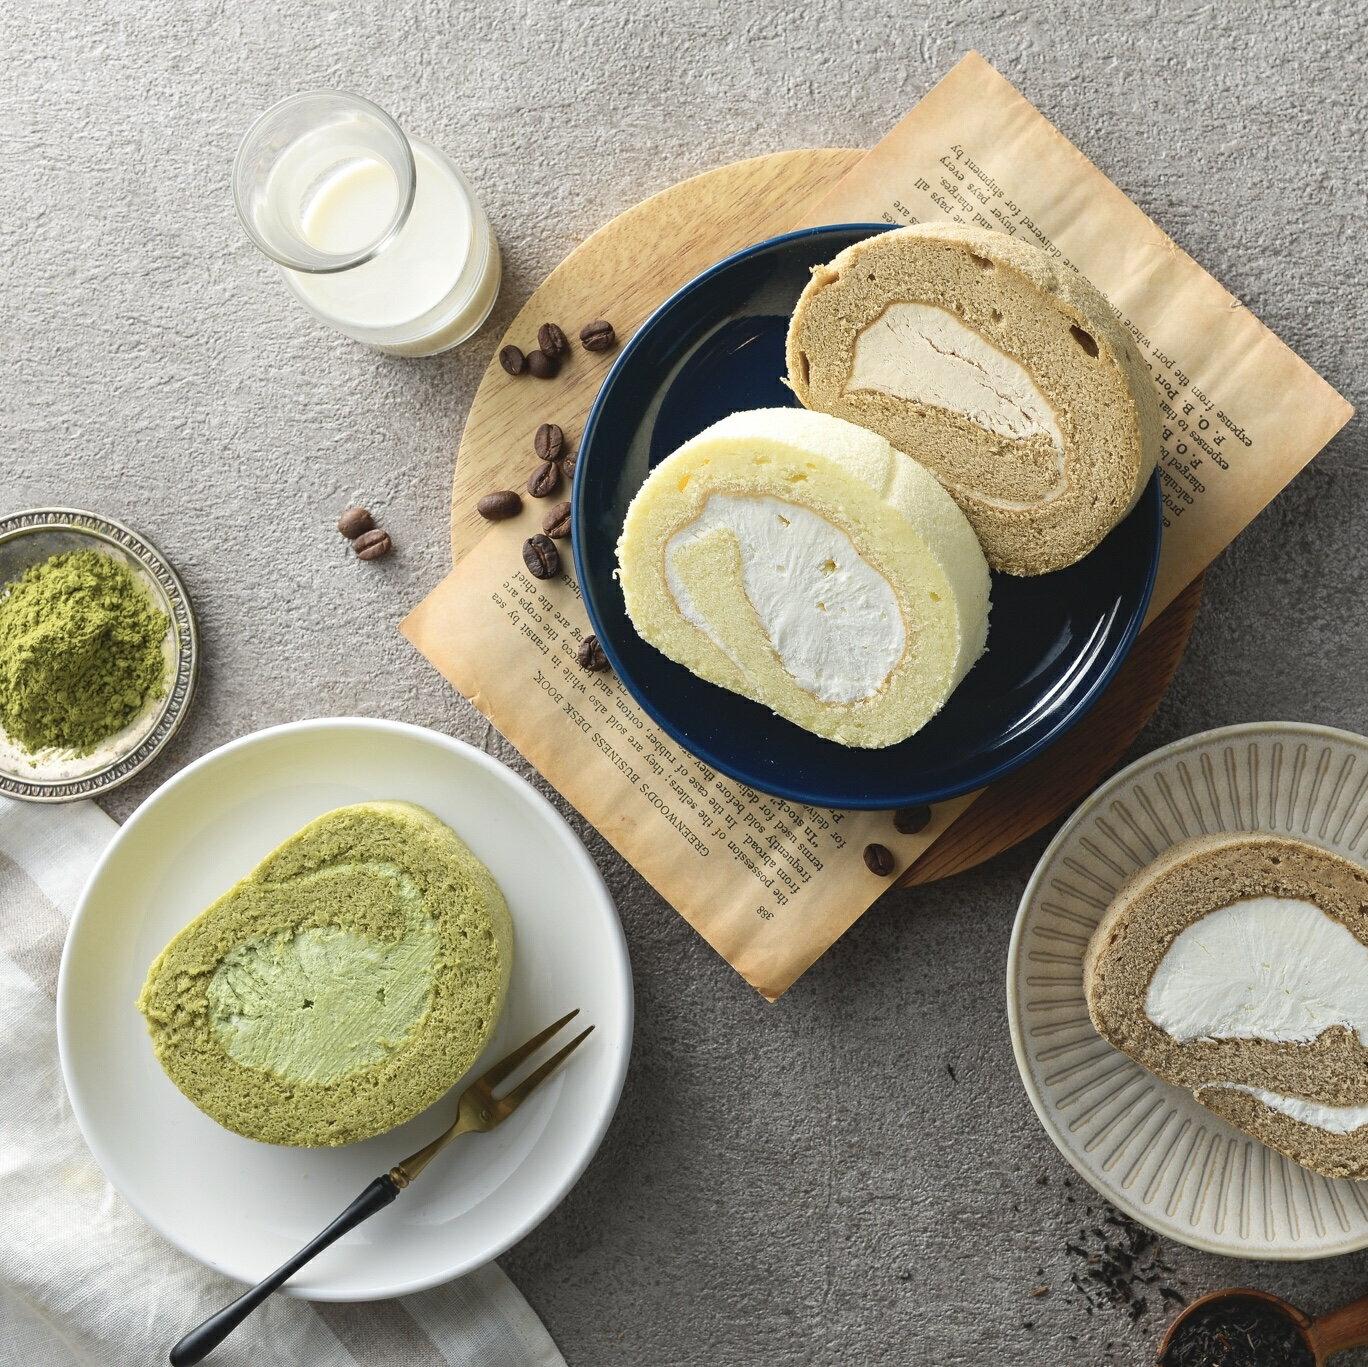 【烘樂夫烘焙】伯爵雪糕生乳捲  ▎總重量(份數):430~450公克 下午茶必備